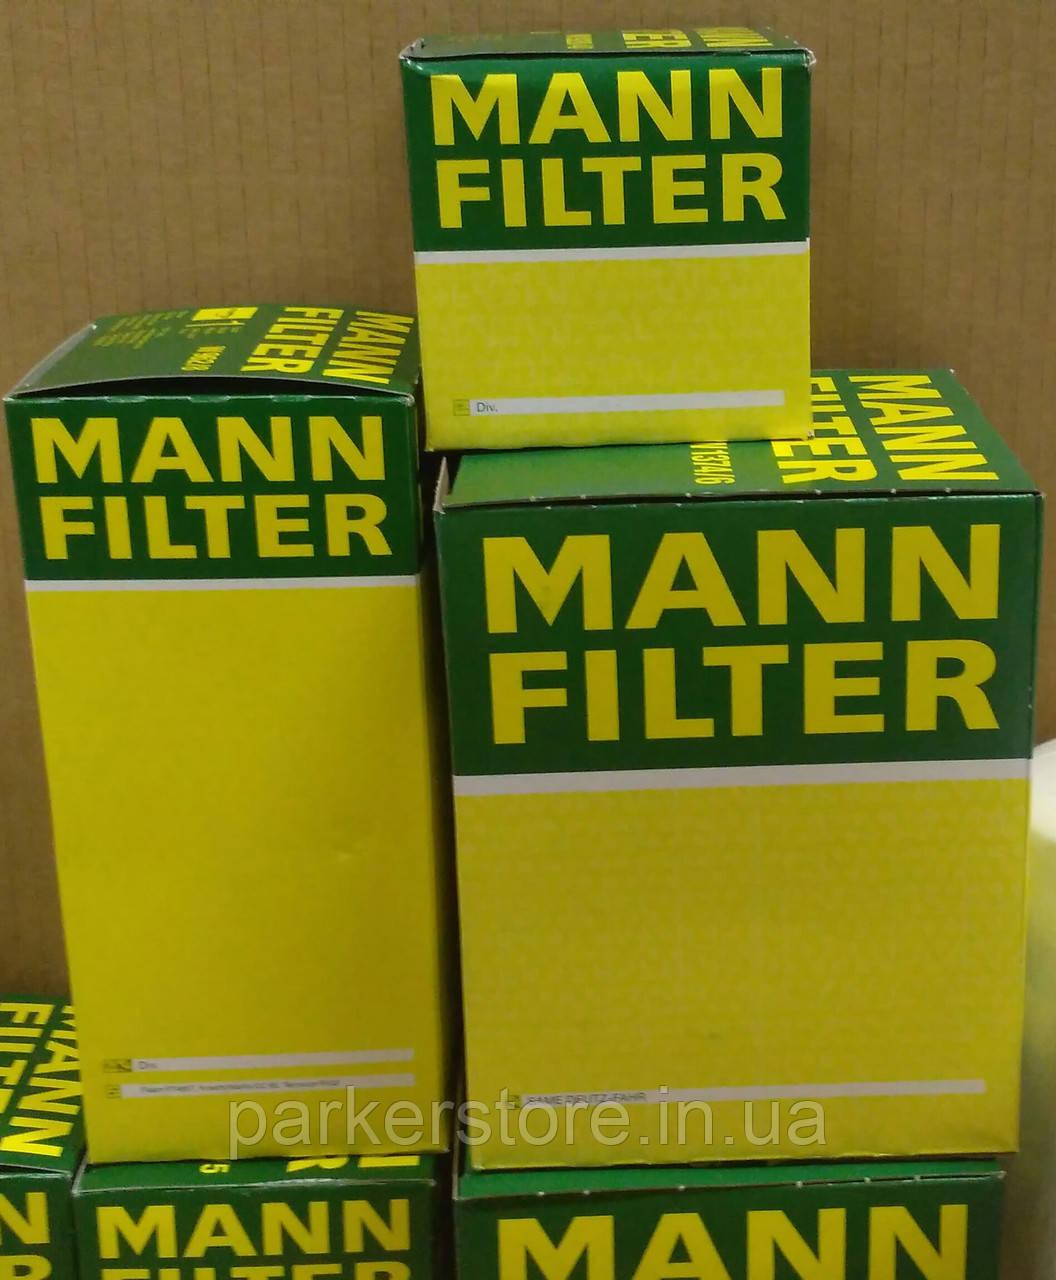 MANN FILTER / Воздушный фильтр / C 29 124 / C29124